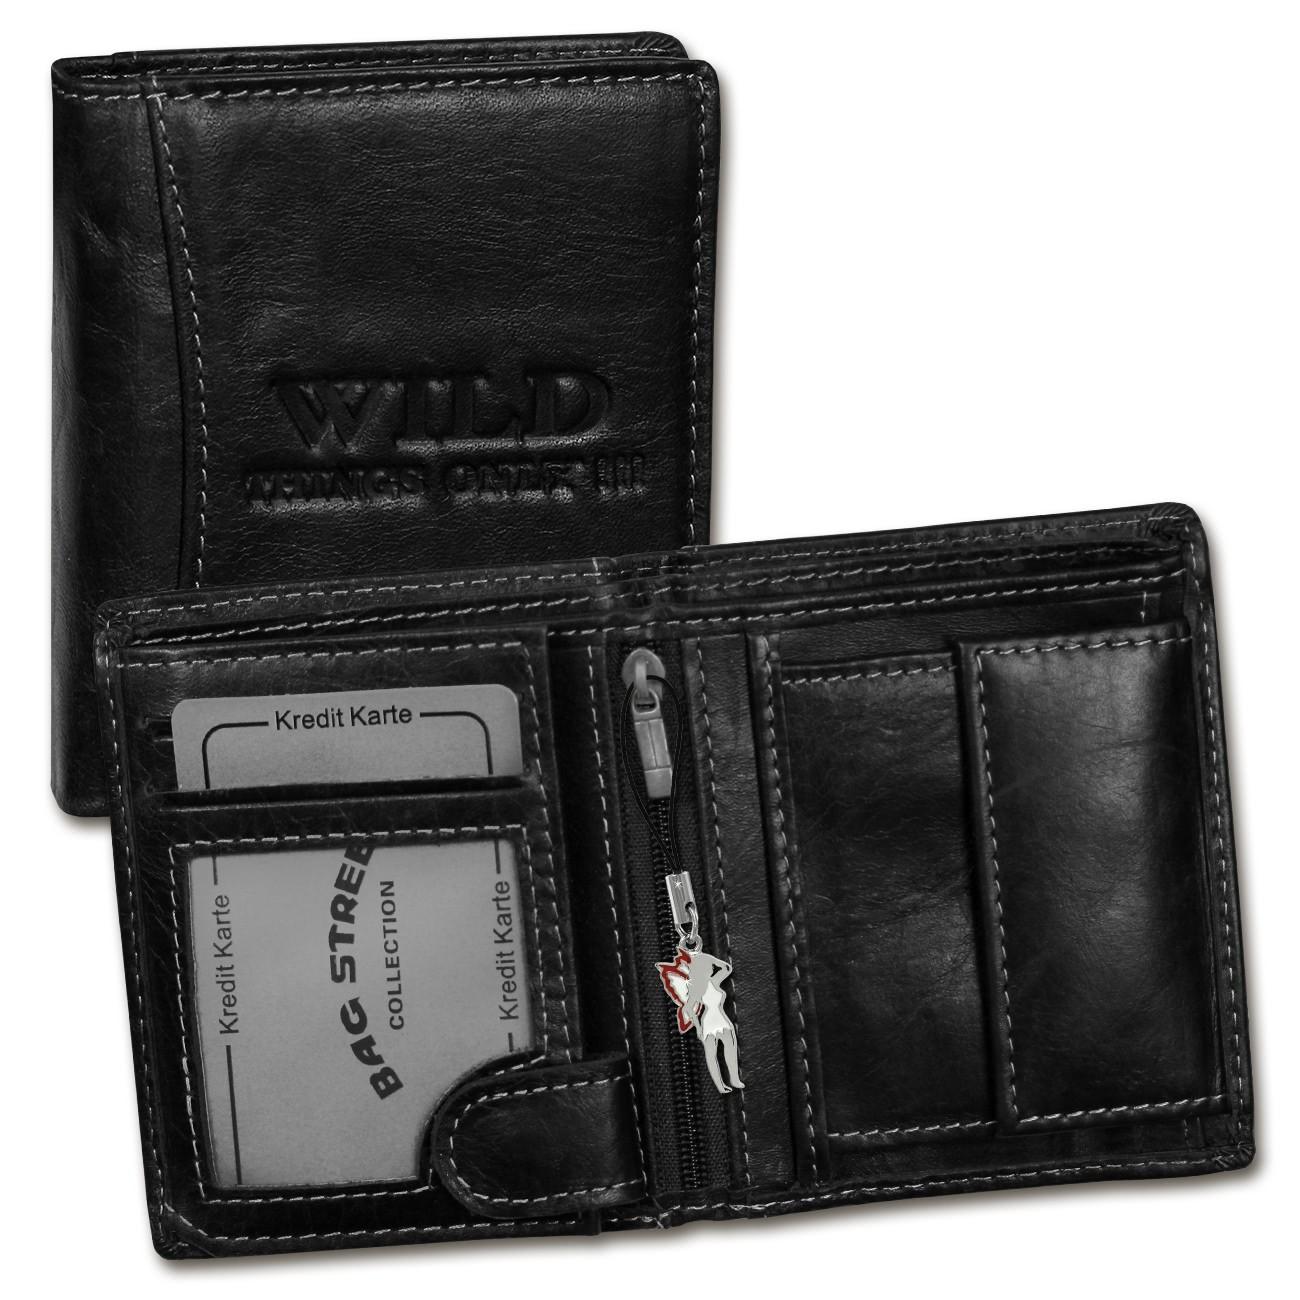 Geldbörse Leder schwarz Portemonnaie klein Brieftasche Wild Things Only OPJ115S